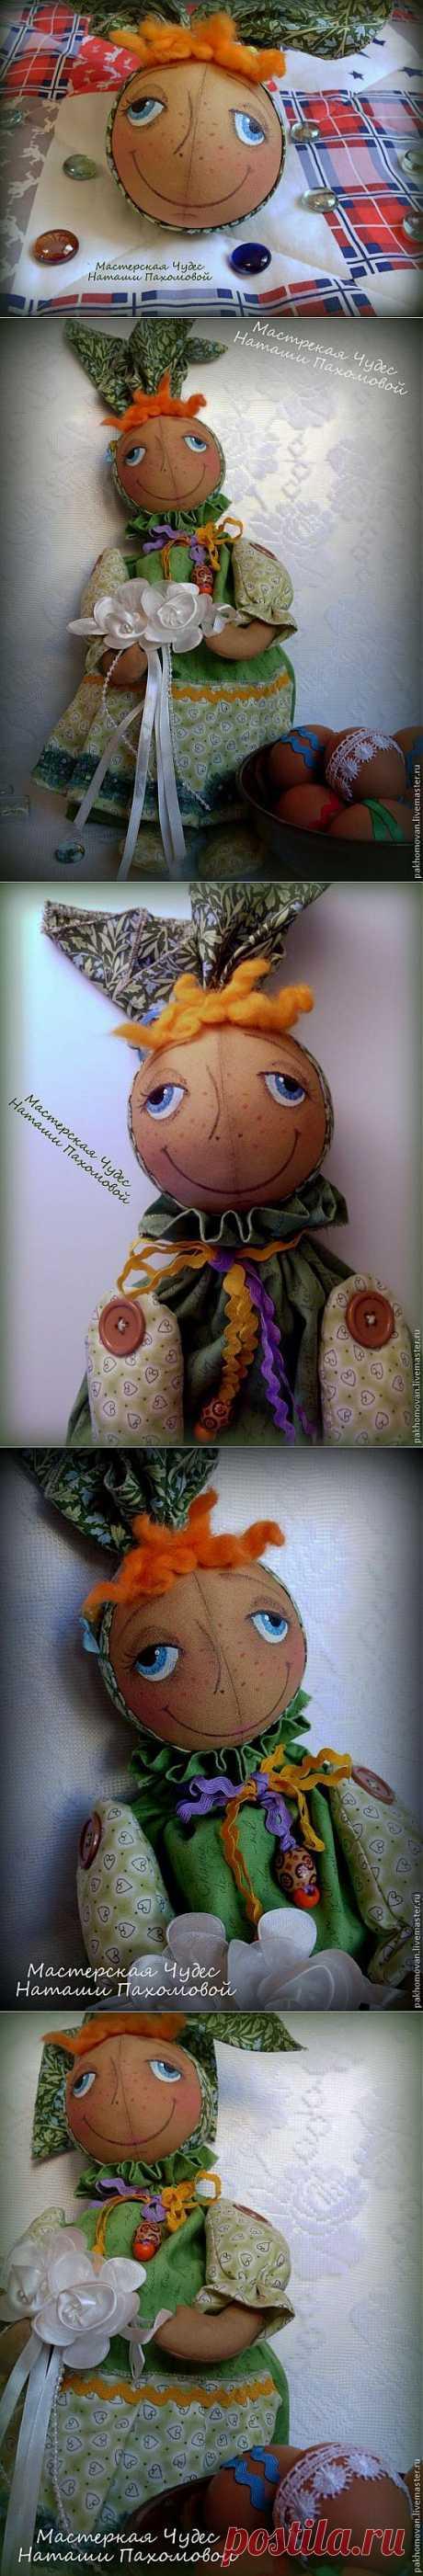 Интерьерная кукла тыковка Грушенька-Душенька. Автор Наташа Пахомова   СДЕЛАЙ САМ!